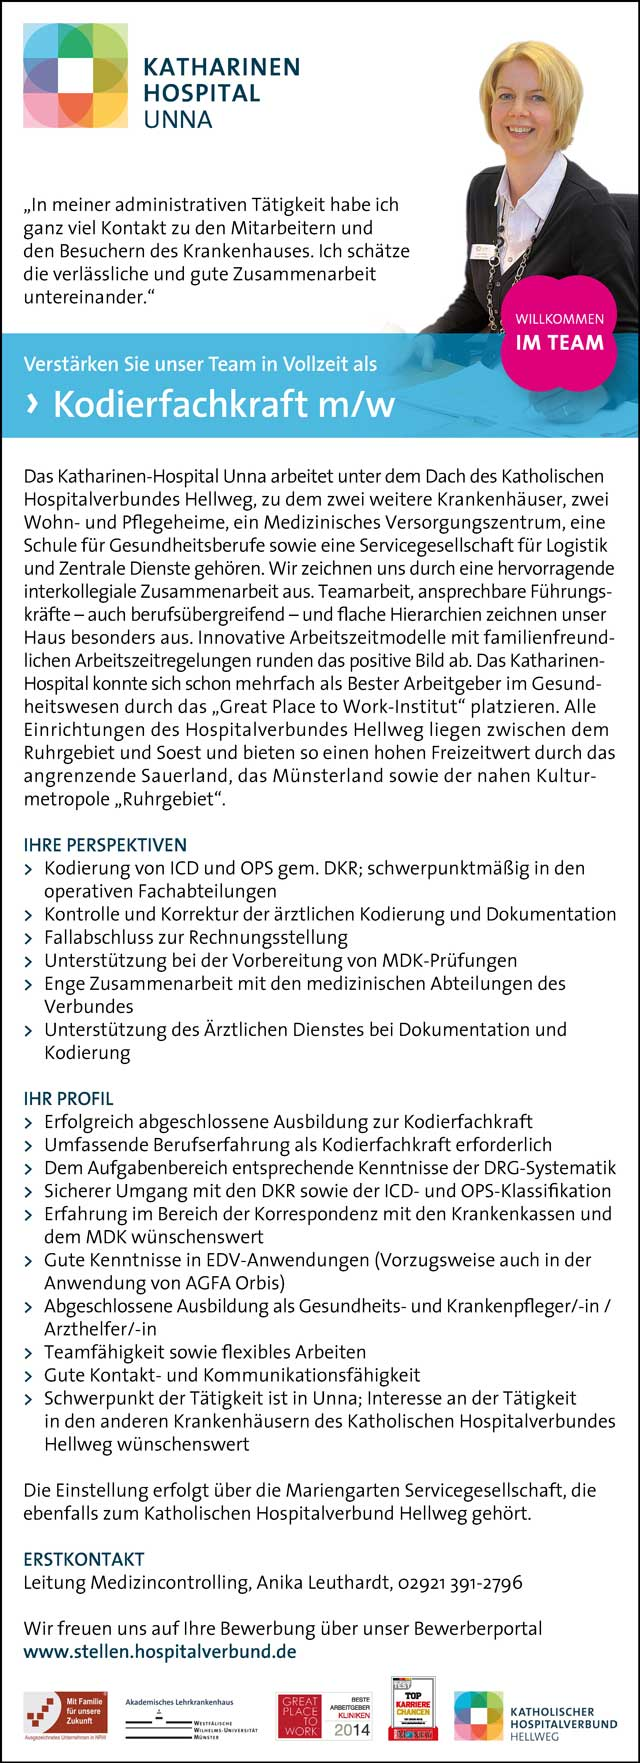 Katharinen Hospital Unna: Kodierfachkraft (m/w)